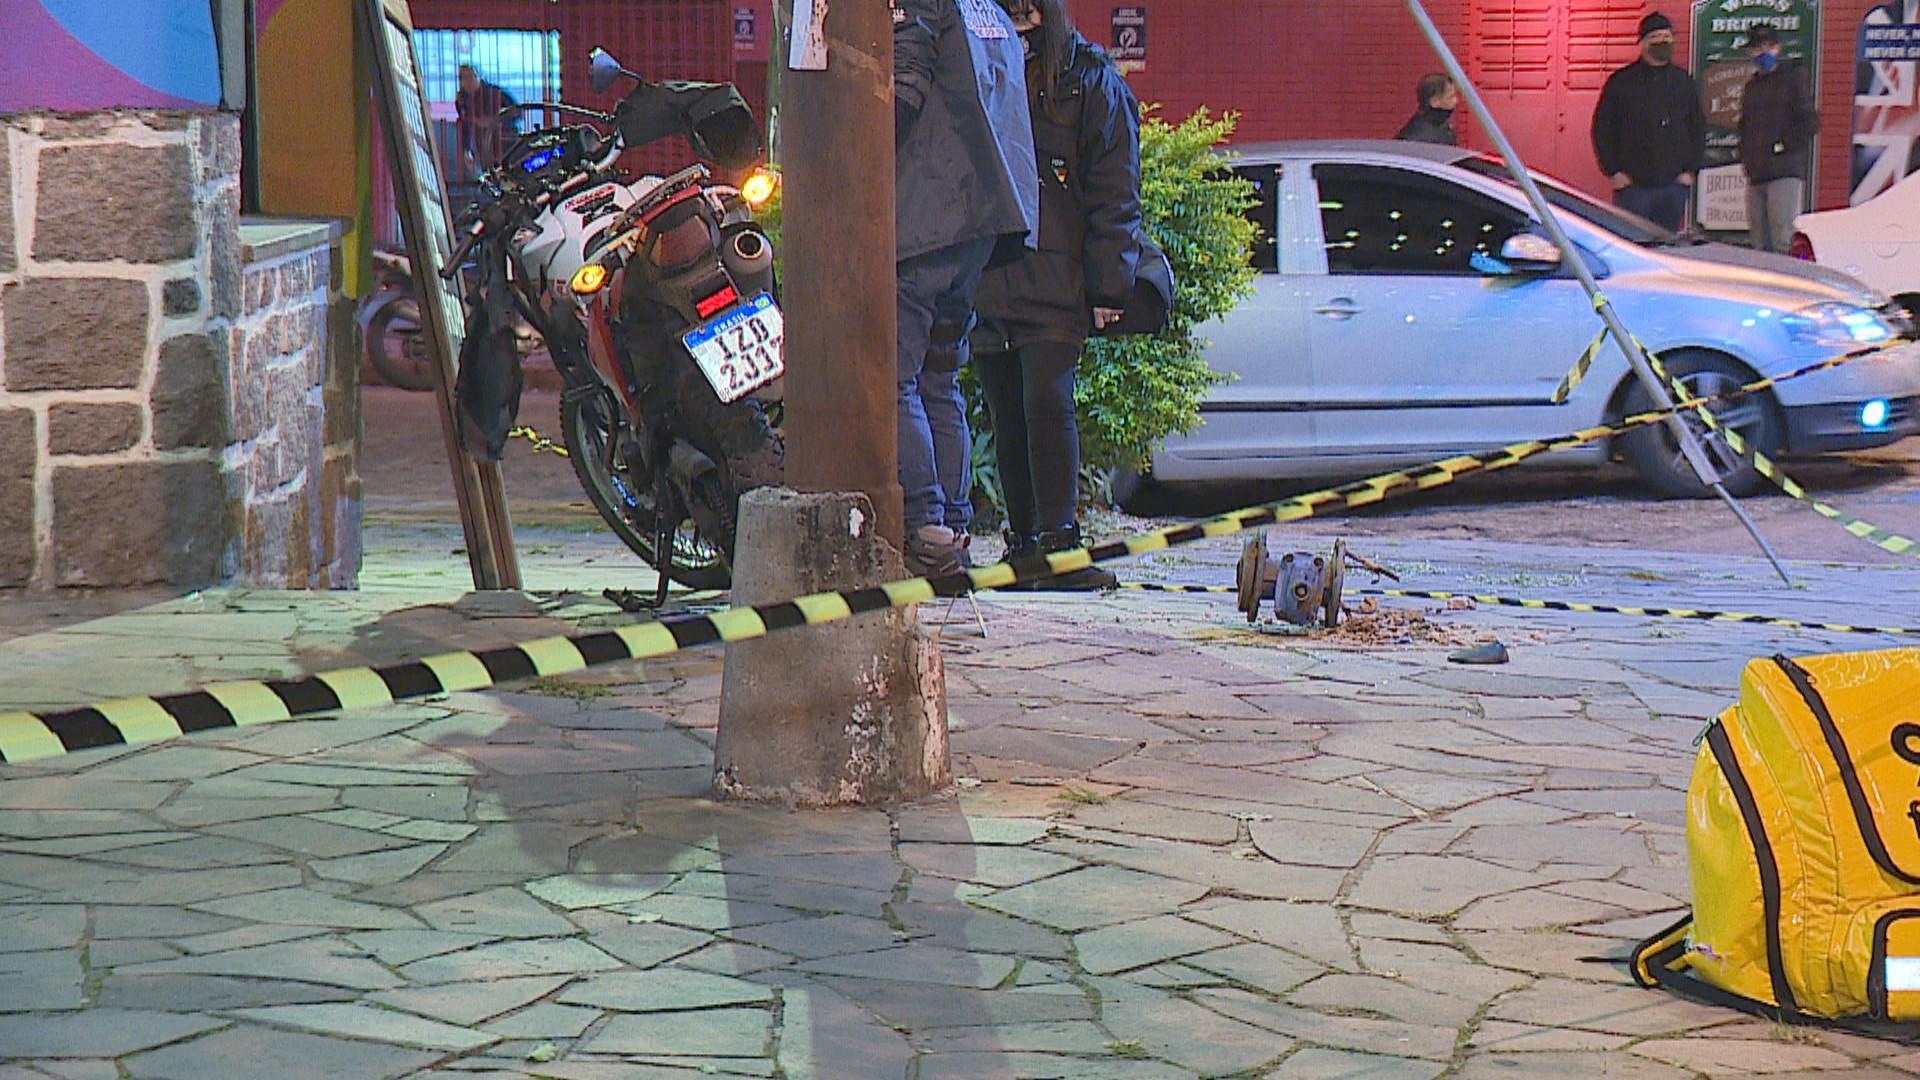 Motociclista morre após colidir contra poste em Porto Alegre